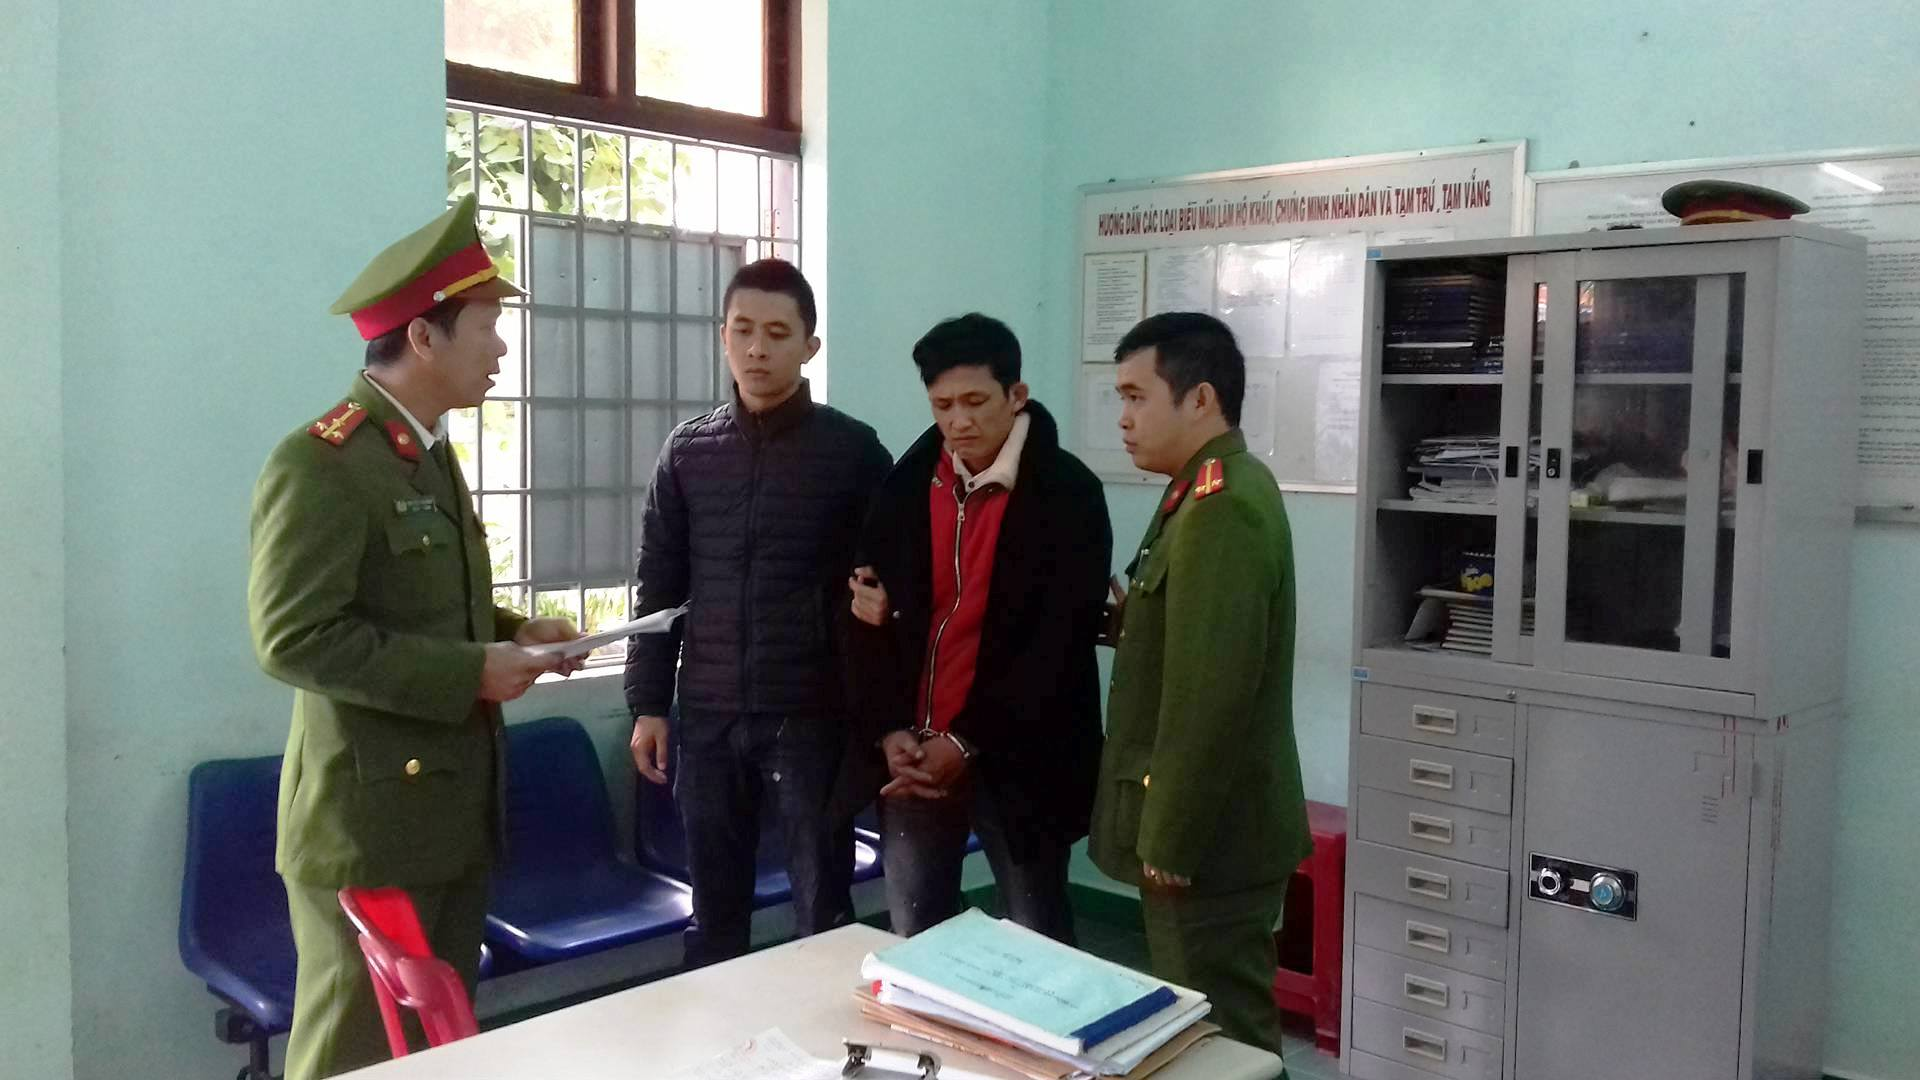 Đối tượng Sơn (áo đỏ) bị tạm giam về hành vi mua bán trái phép chất ma túy. Ảnh: Công an cung cấp